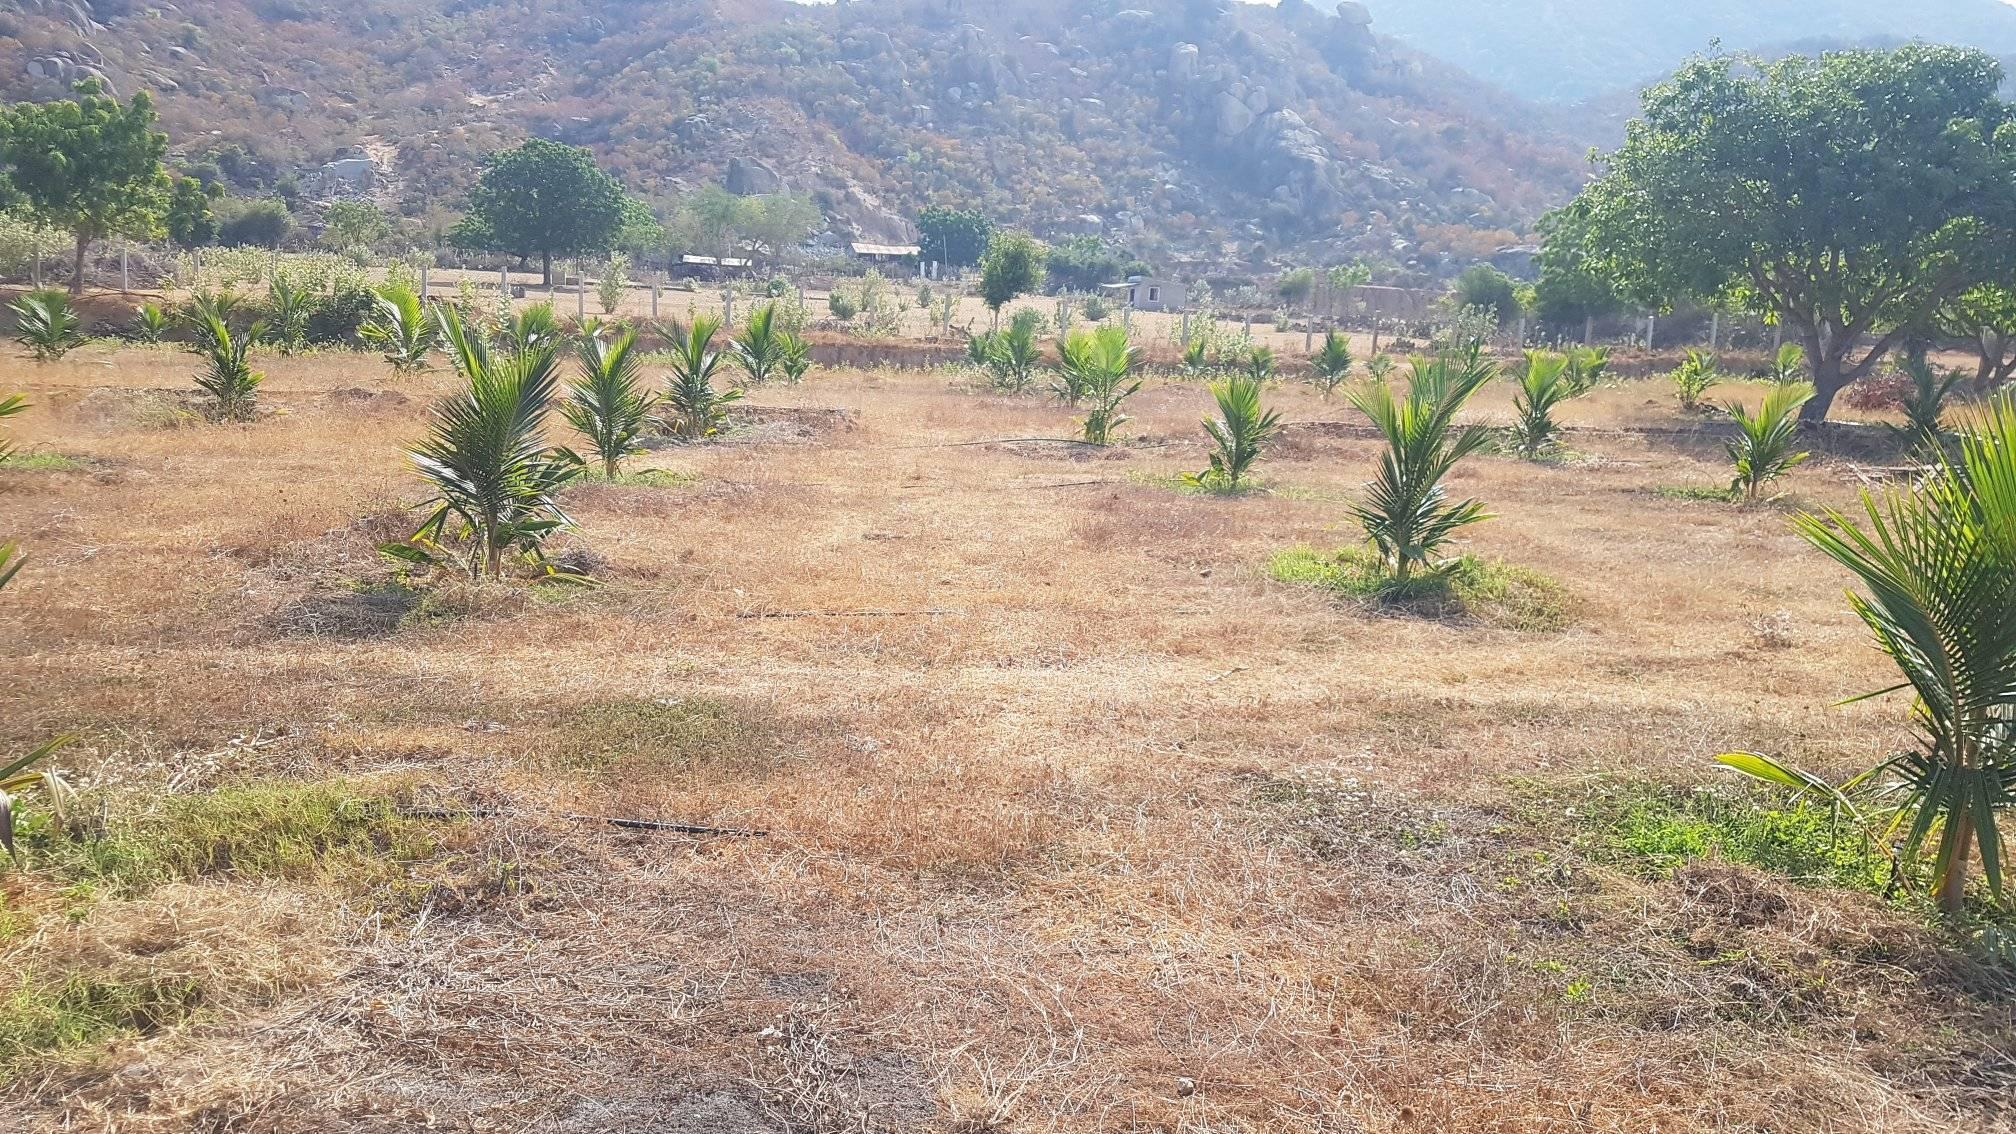 Tưới nước kết hợp với bón phân cho cây sẽ giúp tăng năng suất cây dừa